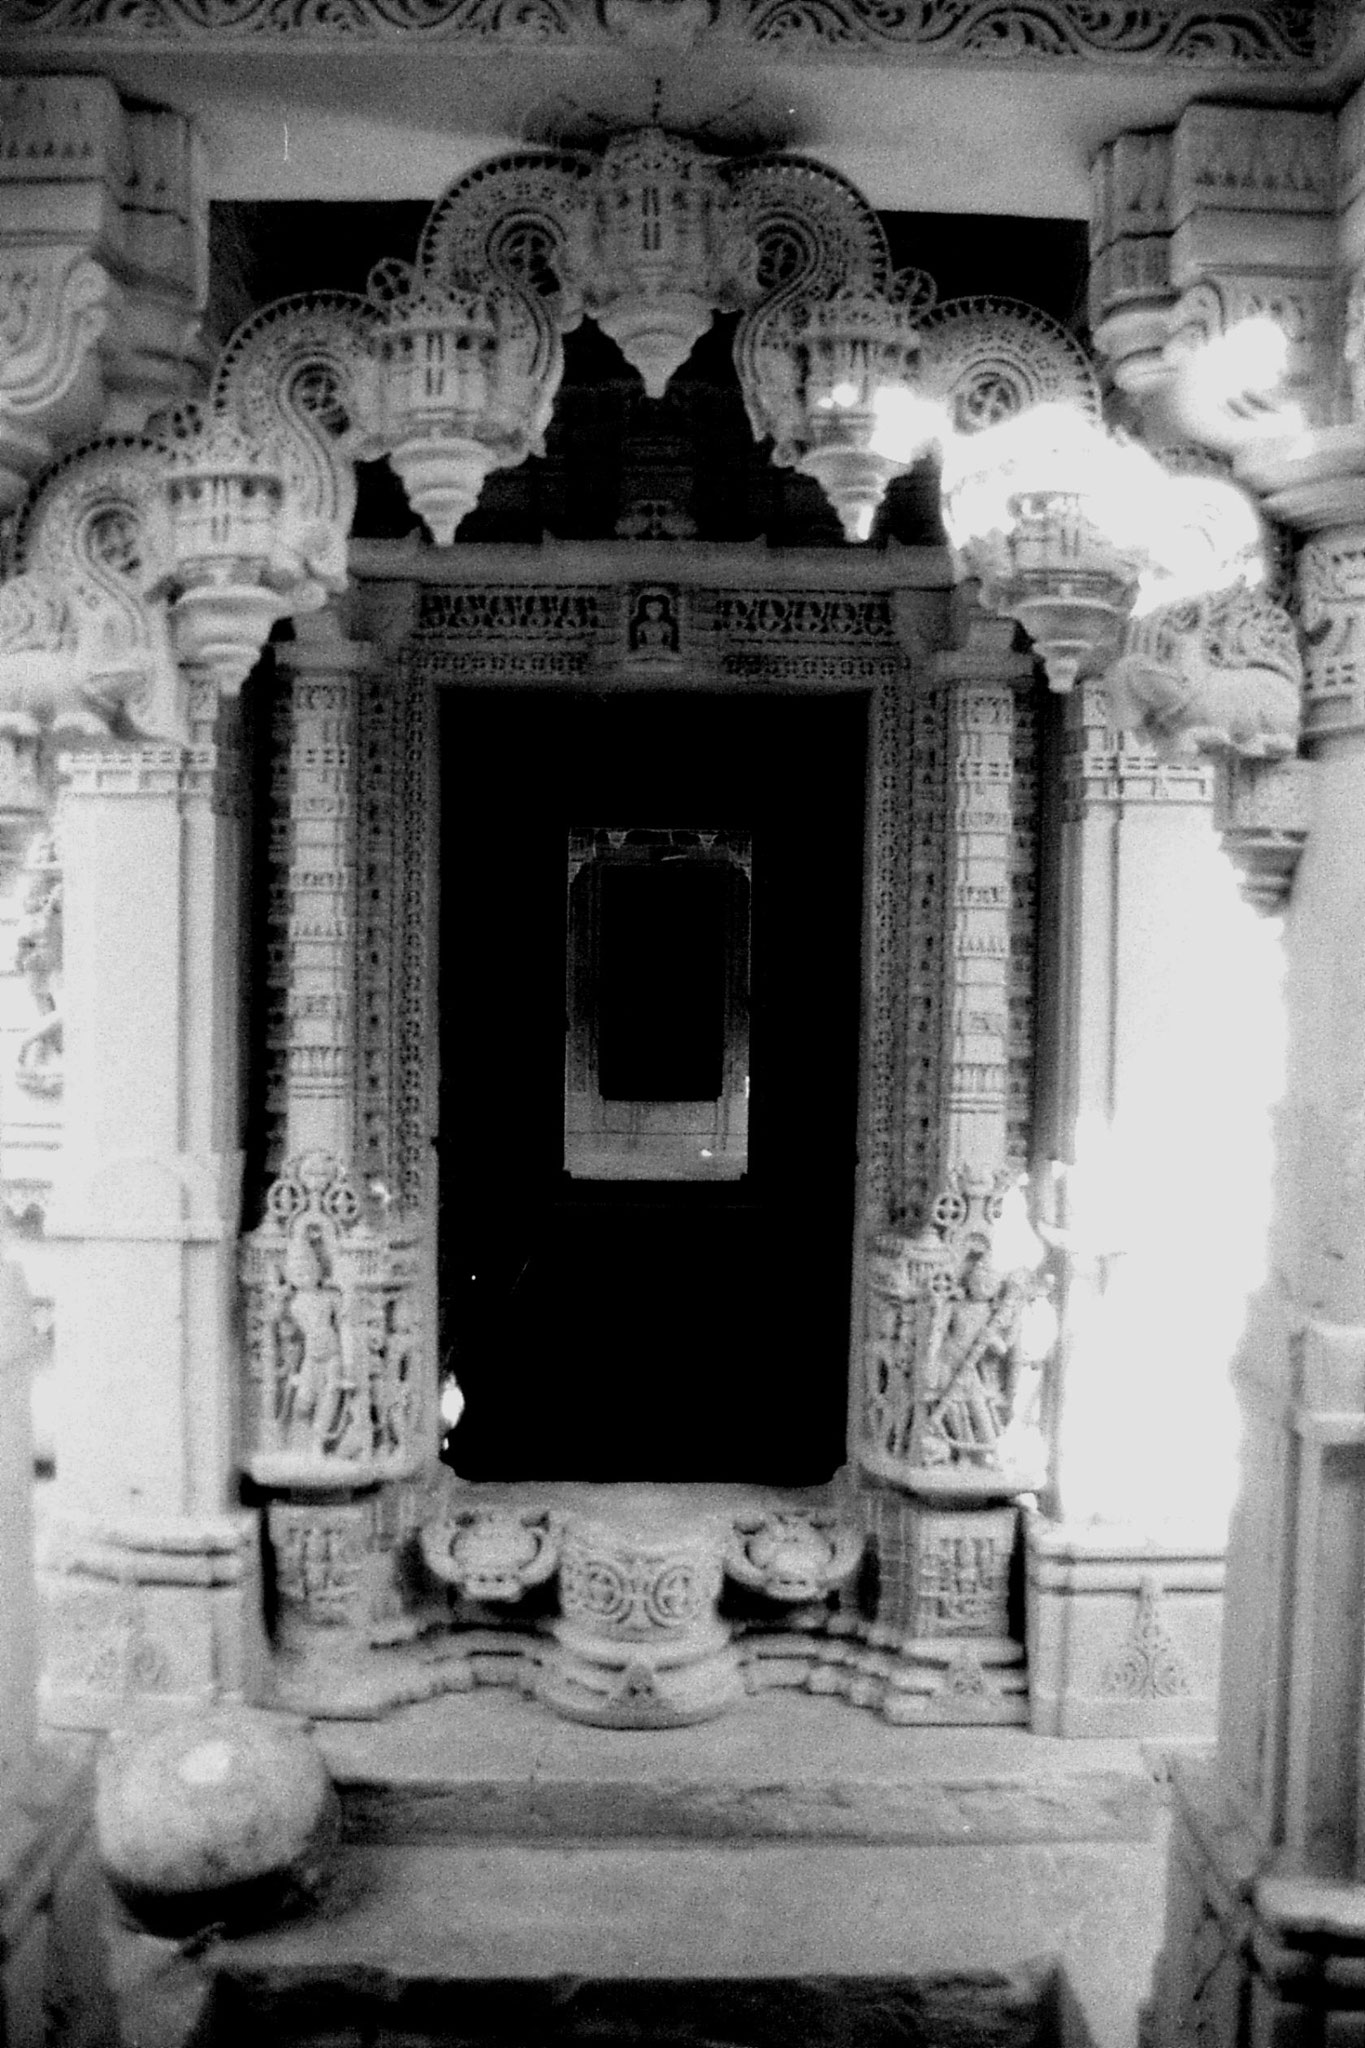 2/12/1989: 16: Jain temple